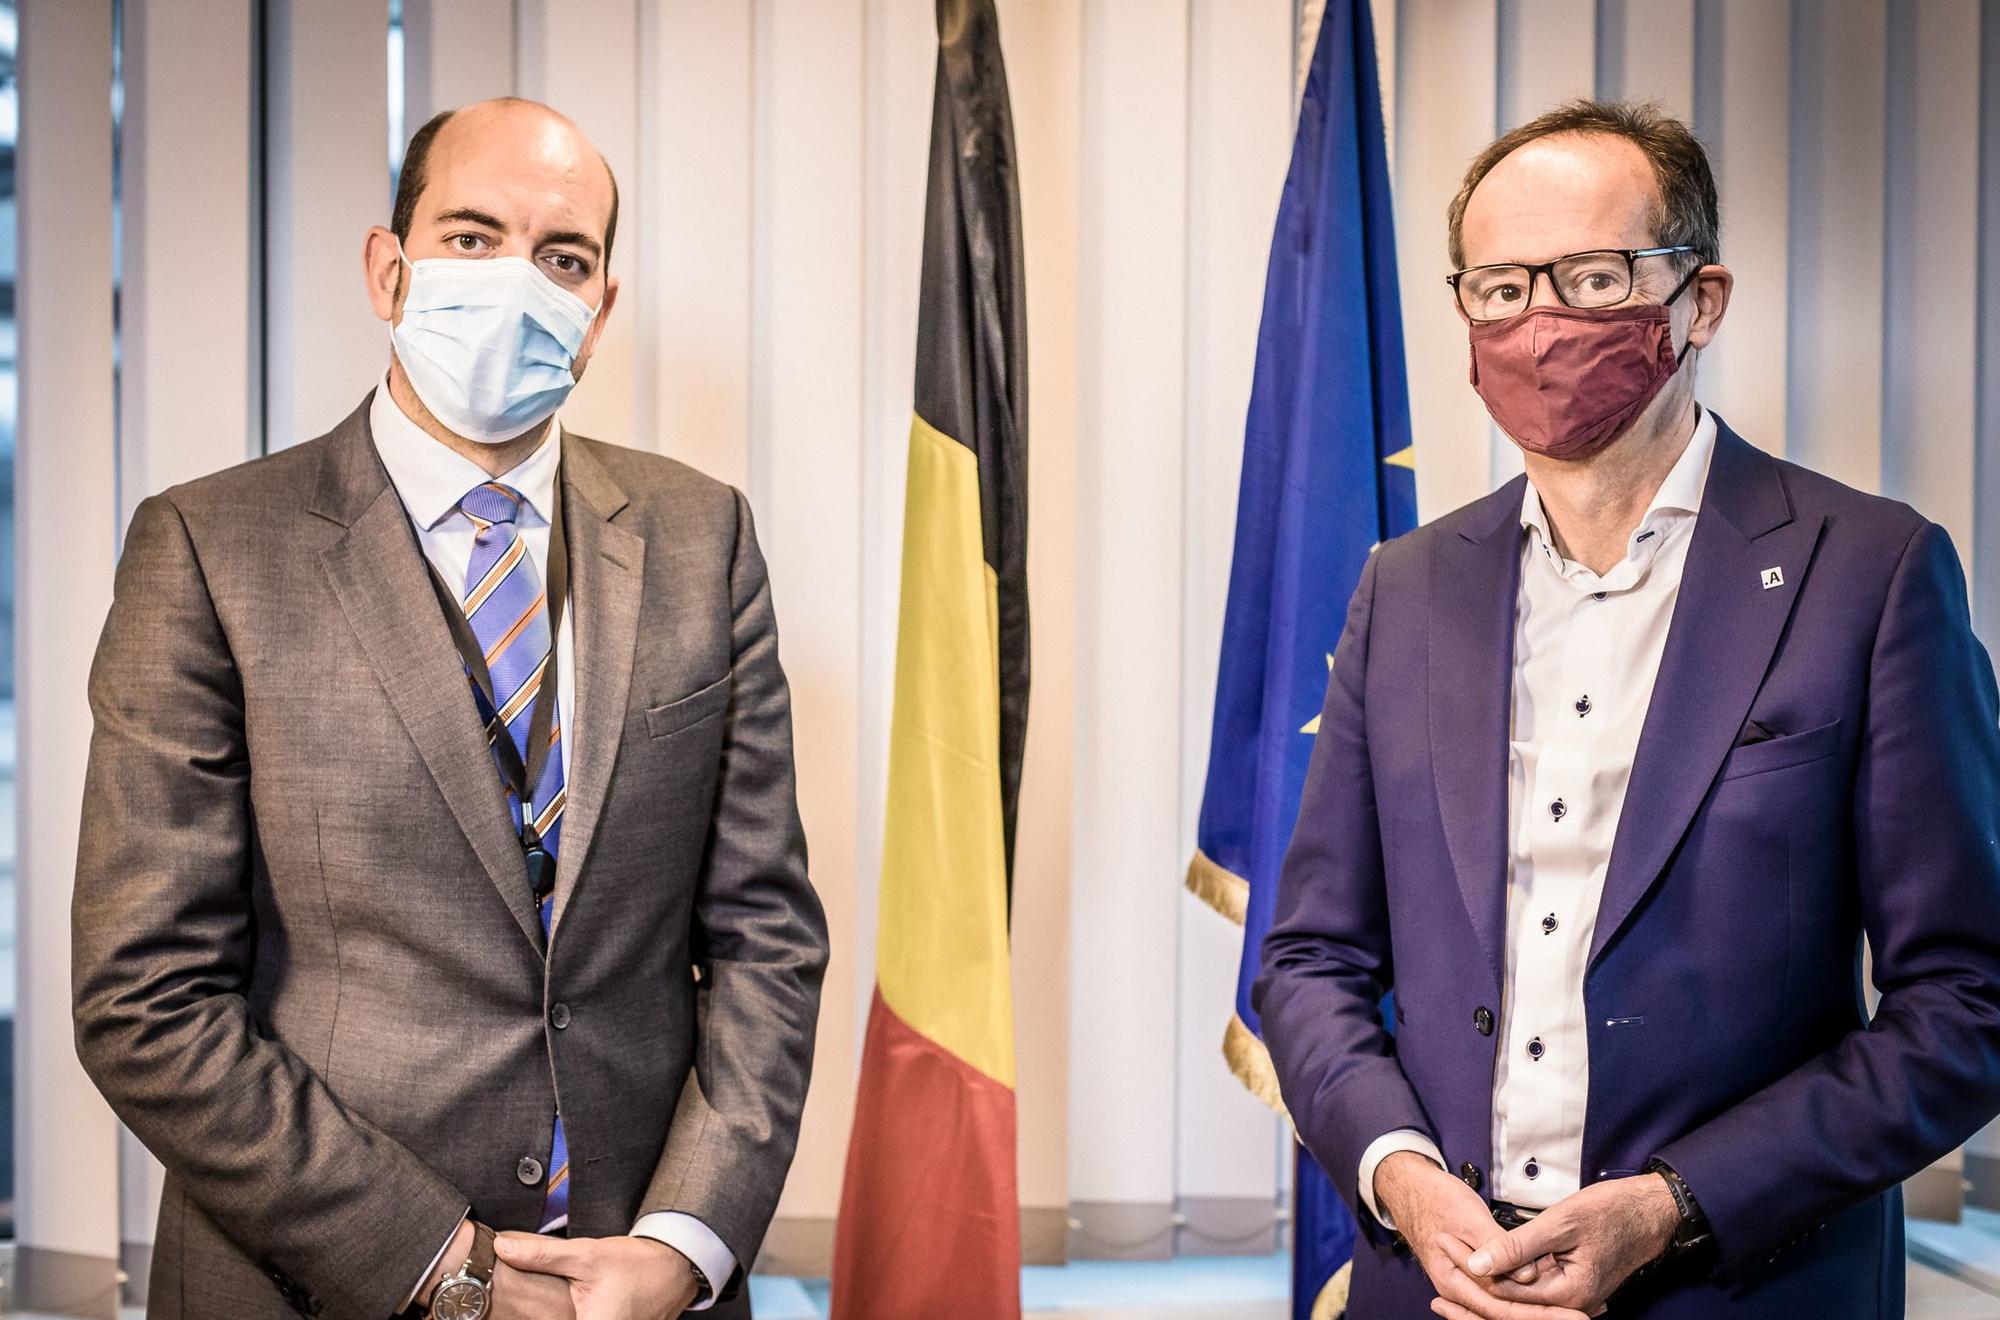 Mathieu Michel, Staatssecretaris van Digitalisering, en Bart Steukers, toekomstig CEO van technologiefederatie Agoria., Gaia-X